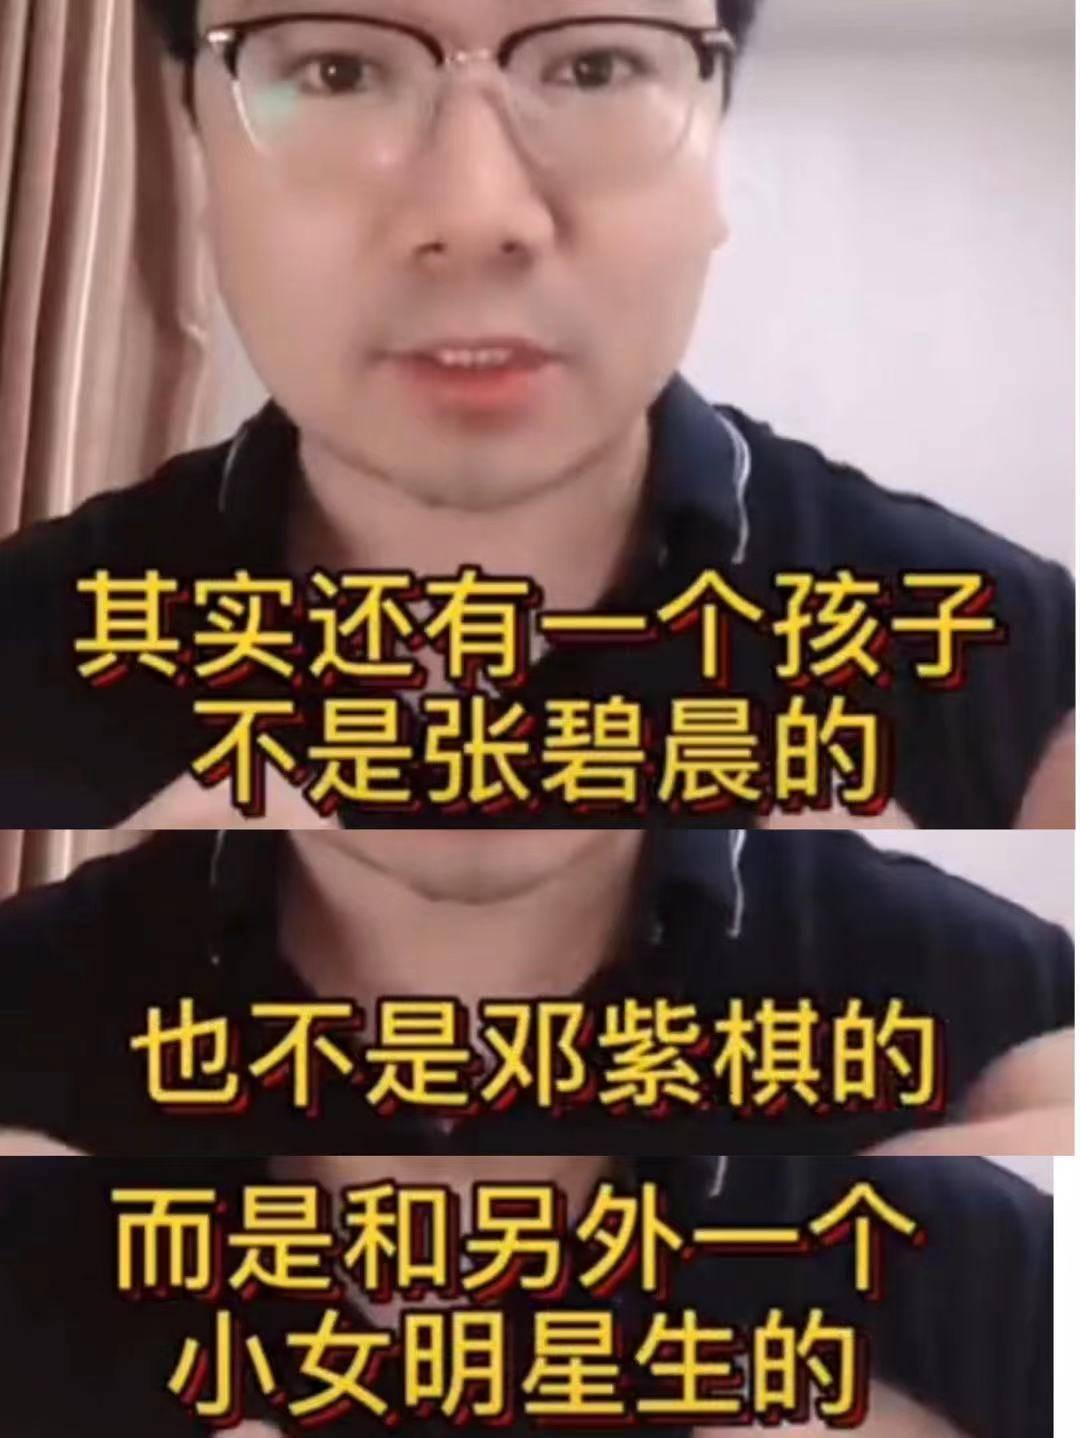 华晨宇否认自己有第二个孩子后,张碧晨现身眉头深锁,表情太微妙?